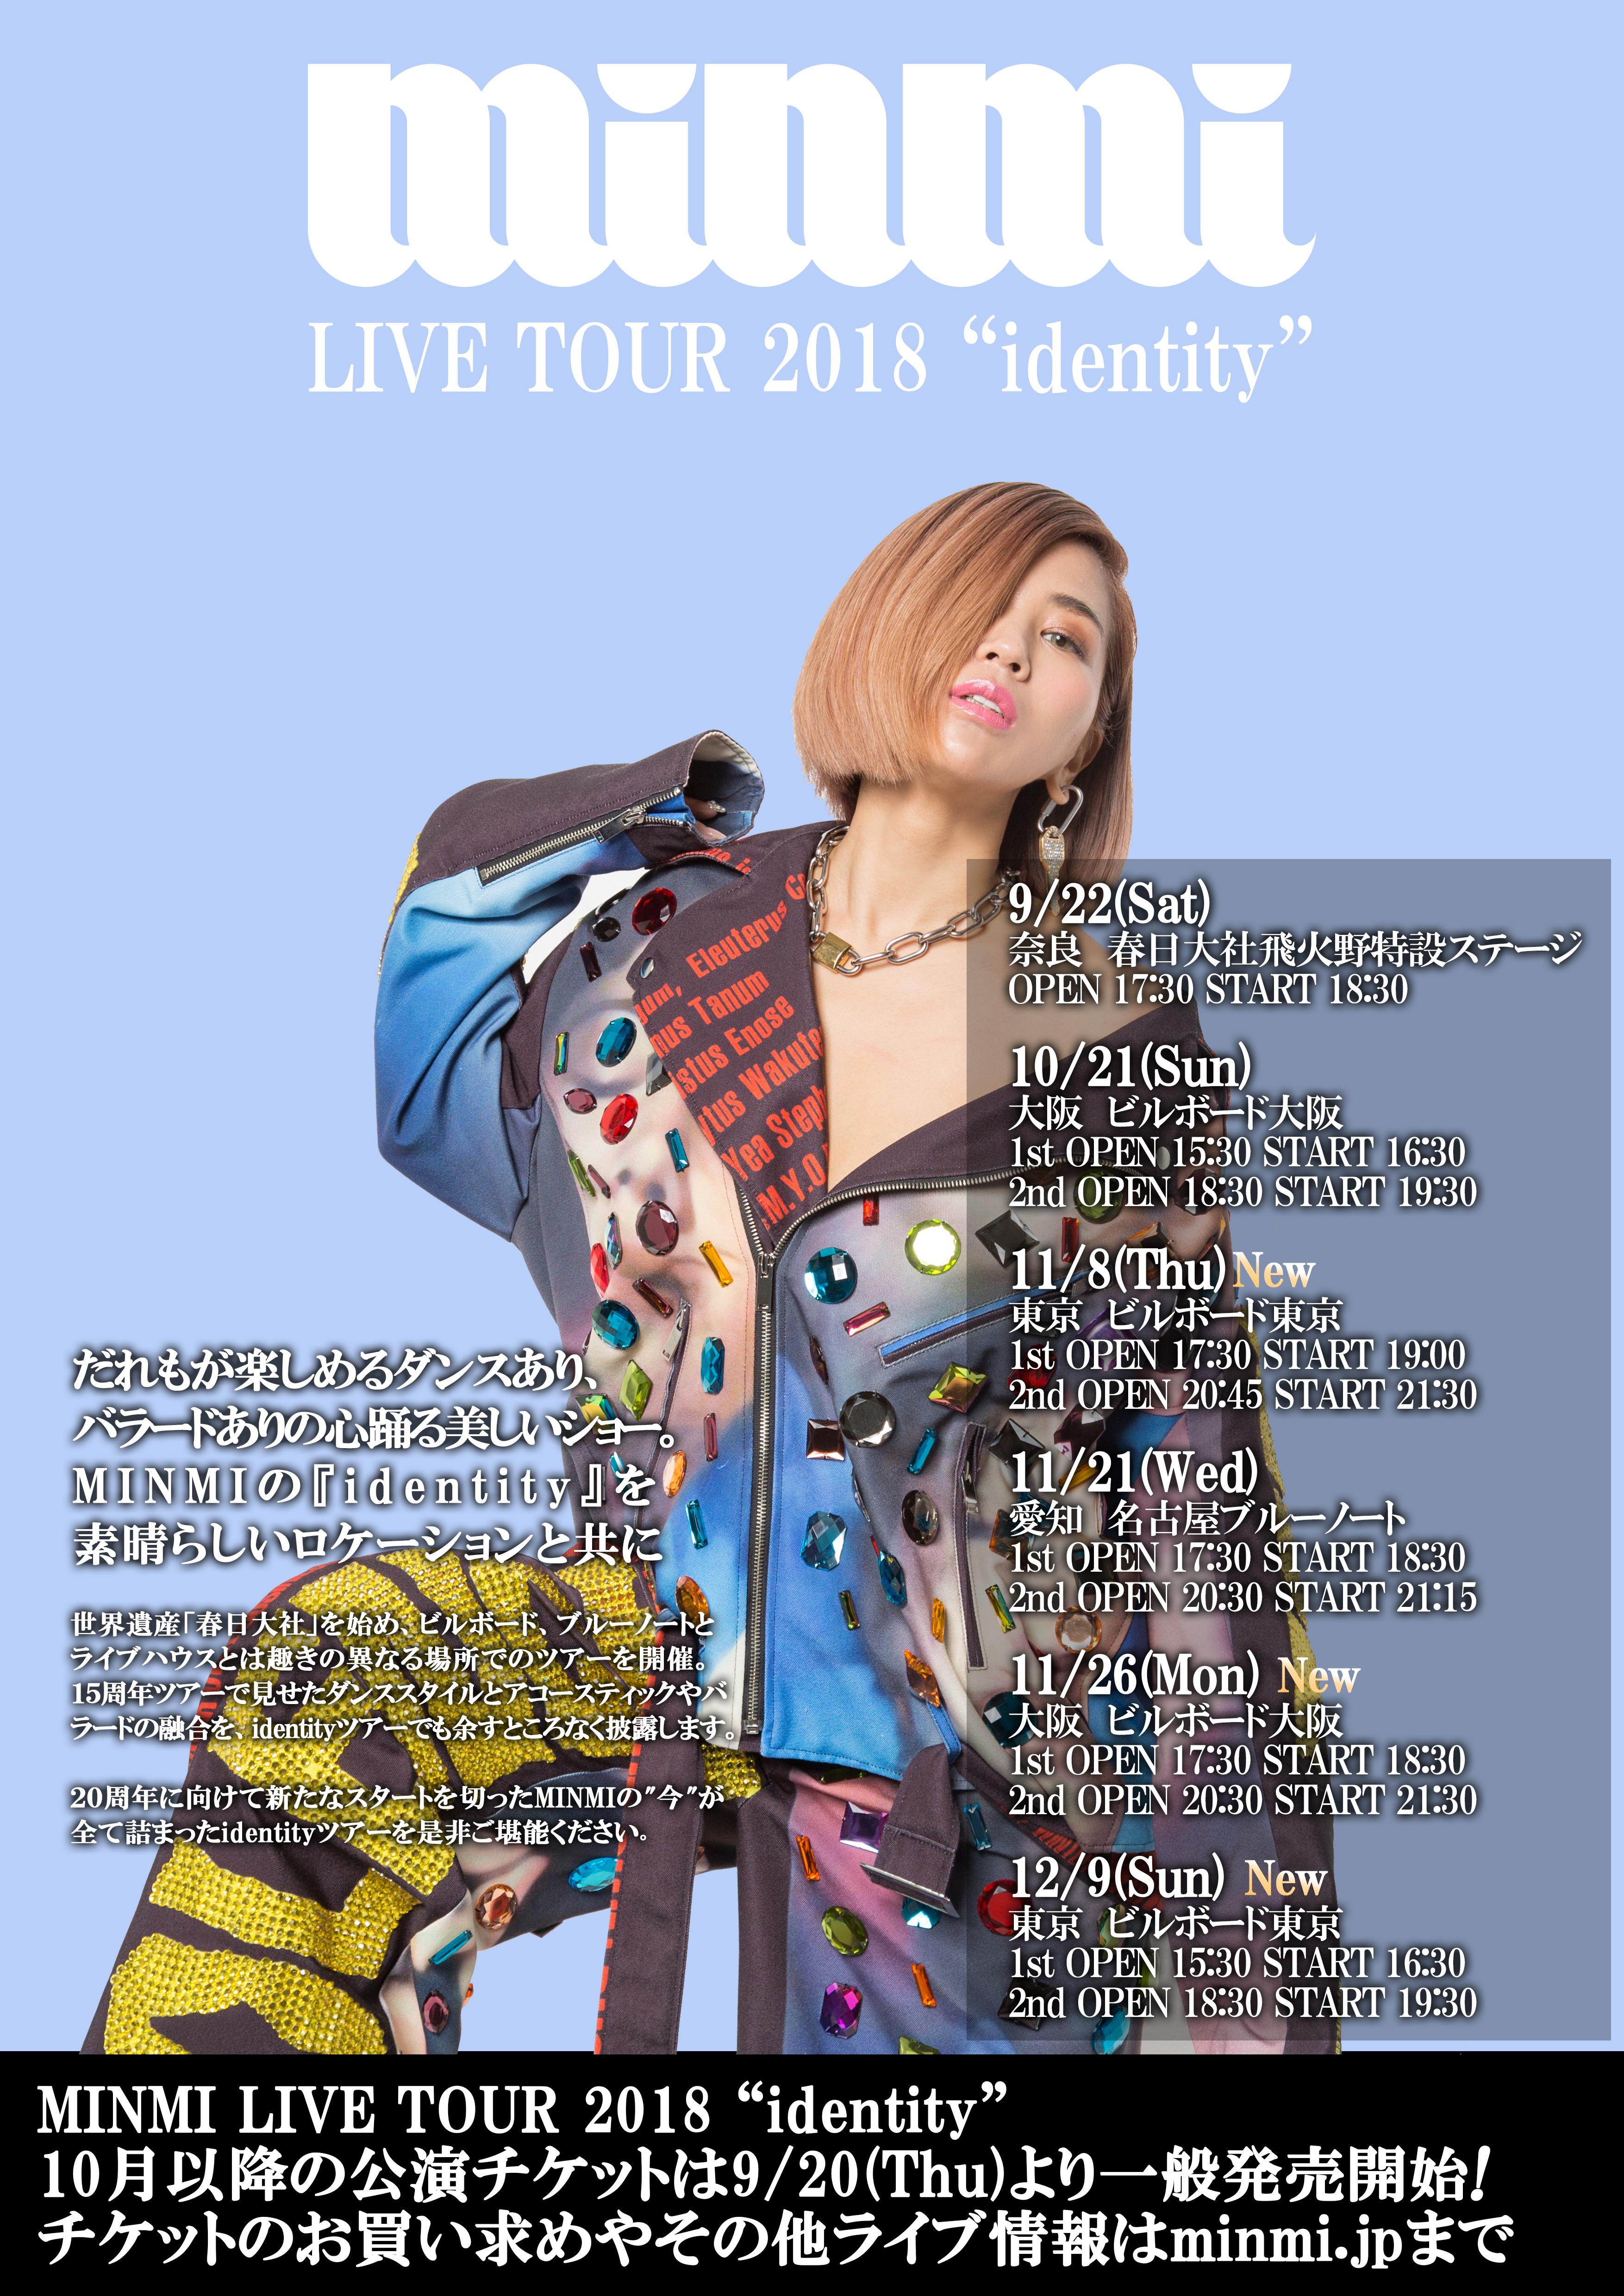 minmi identity tour 2018